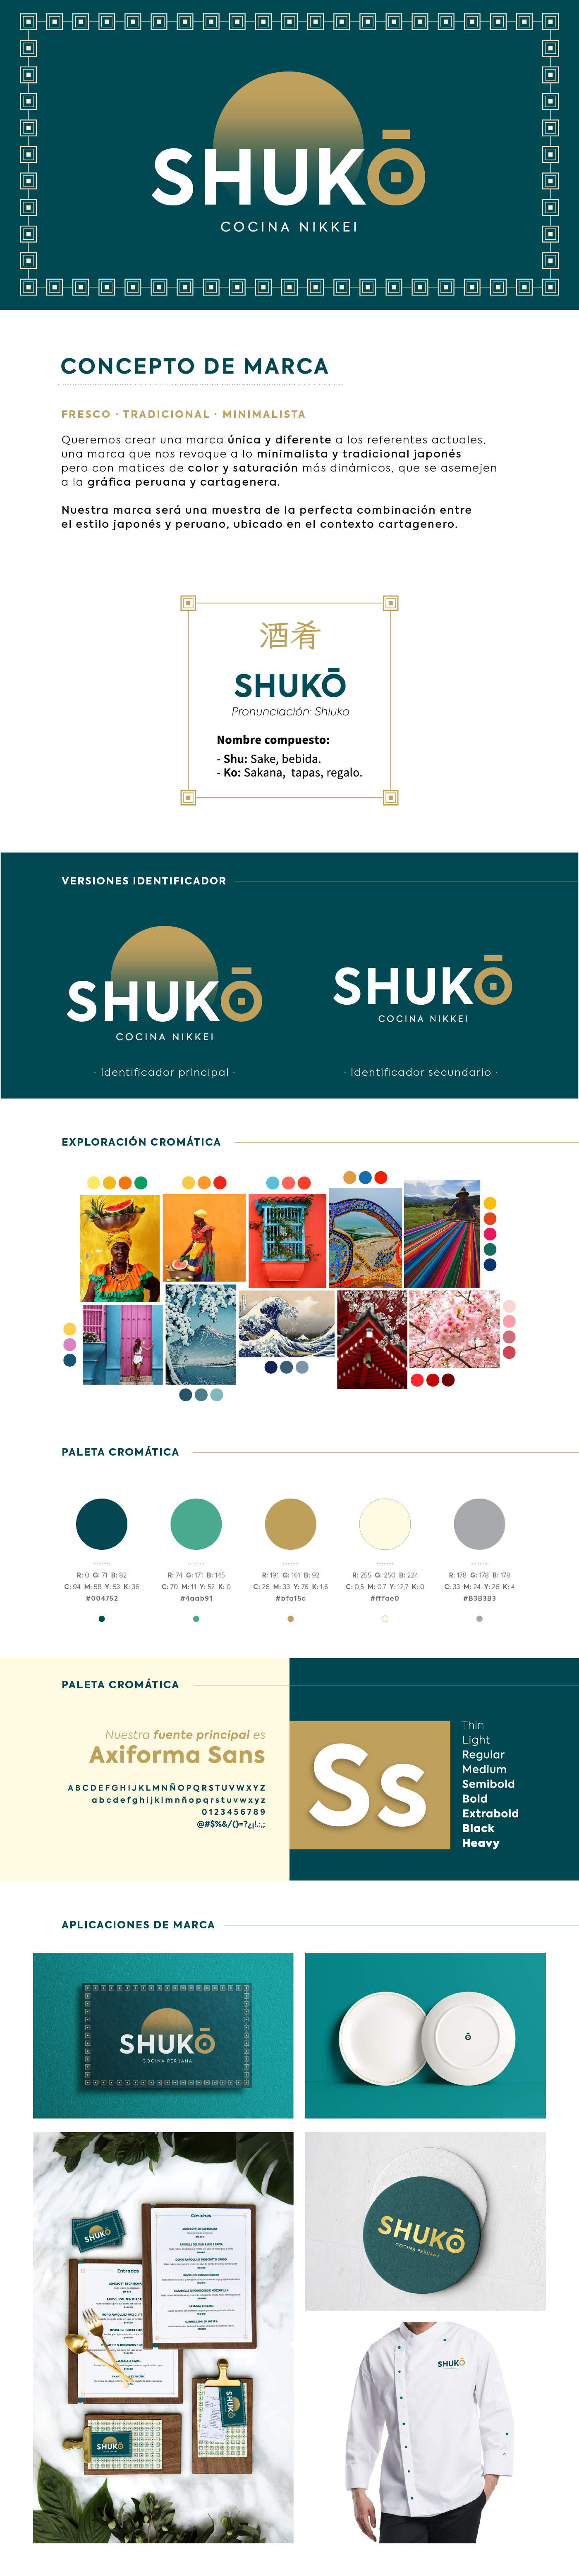 Shuko (marca)